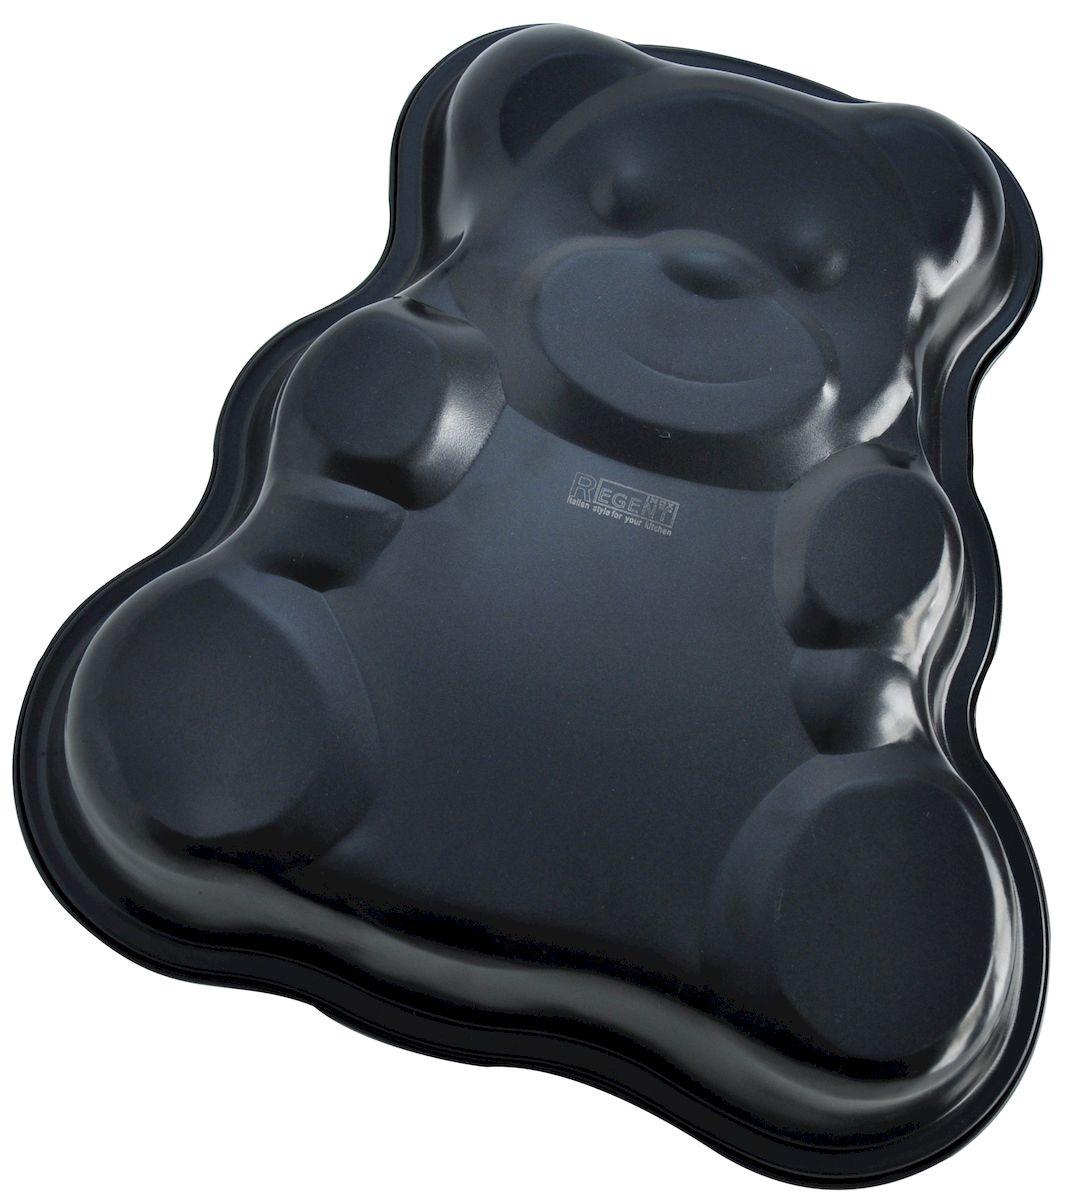 Форма для выпечки Regent Inox Медвежонок, с антипригарным покрытием, 34 х 32 х 4,8 см93-CS-EA-4-10Форма для выпечки Regent Inox Медвежонок подходит для приготовления пирога для ребенка или для того, чтобы поднять настроение вашим гостям. Высококачественная углеродистая сталь, из которой сделана форма, приятна на ощупь и равномерно нагревается. Форма очень удобна в эксплуатации и станет помощником для выпечки вкусных изделий. Антипригарное покрытие позволяет приготовить пищу с минимальным использованием масла. Форма проста в уходе: её можно мыть в посудомоечной машине или вручную с неабразивными средствами.